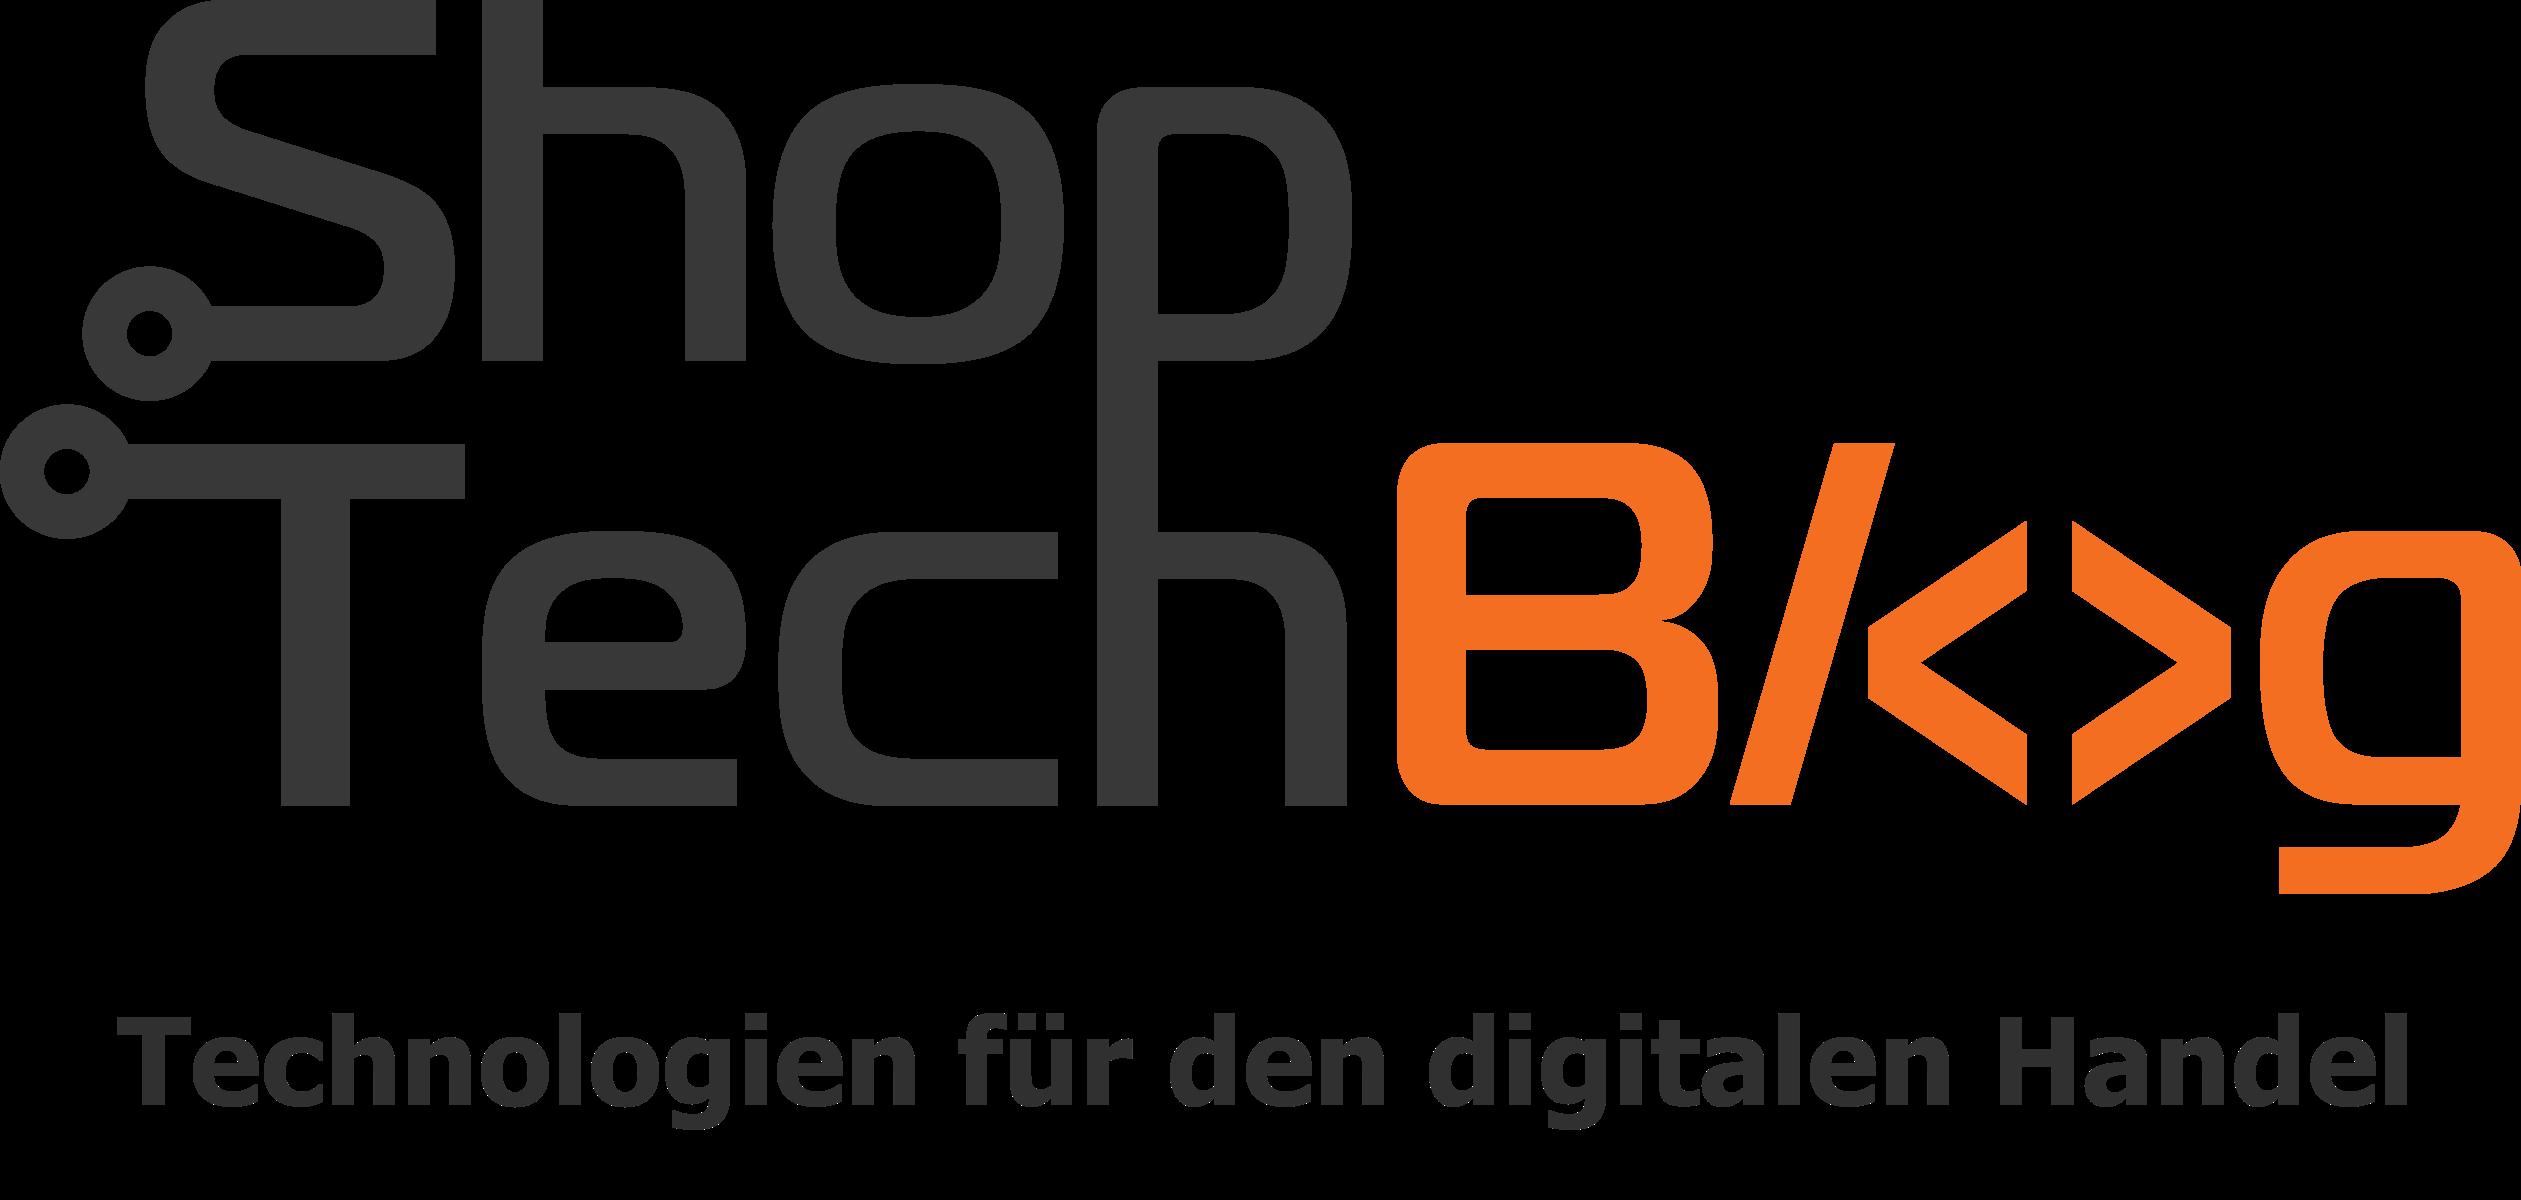 ShopTechBlog